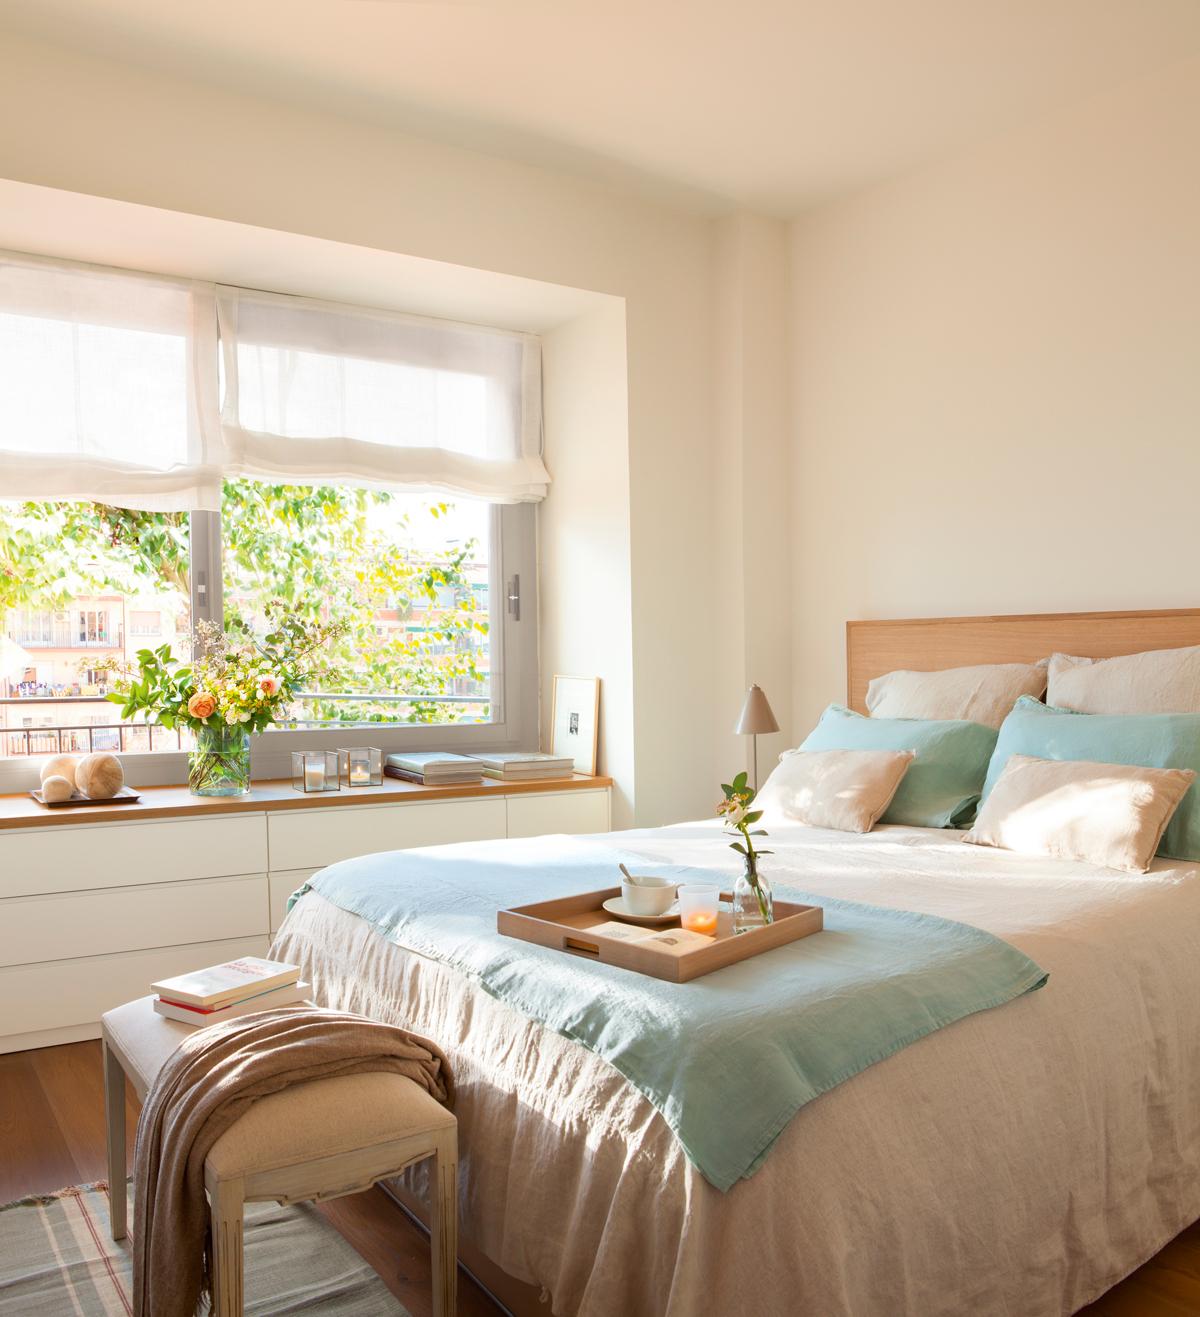 Dormitorios en blanco y madera for Muebles para dormitorios